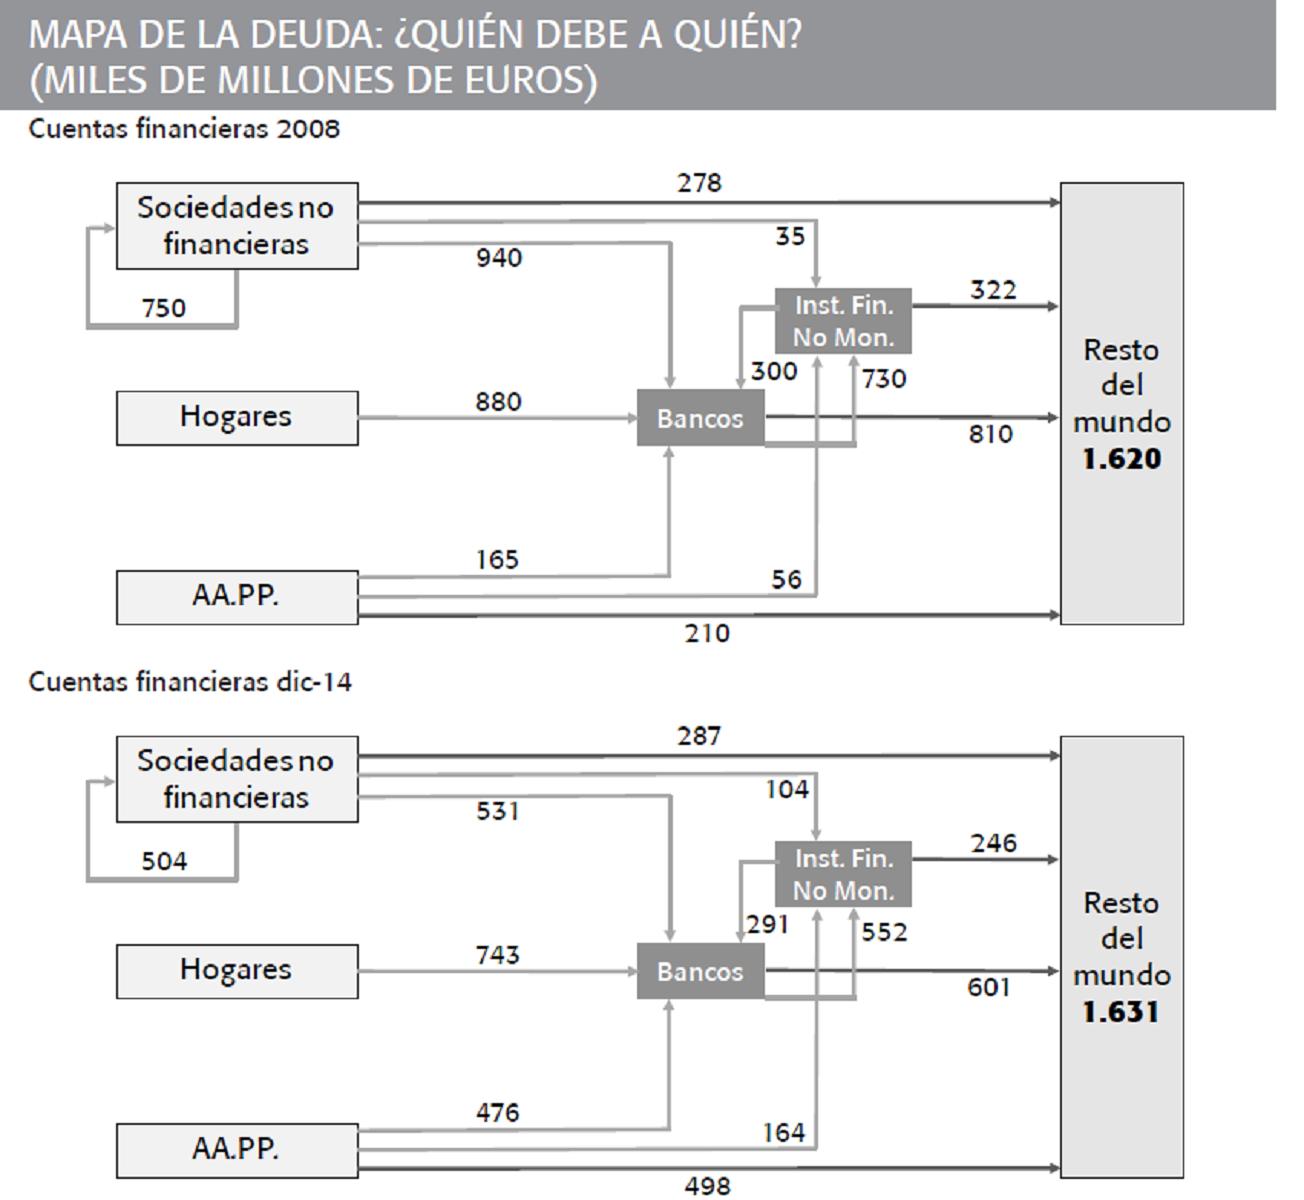 Evolución del mapa de la deuda en España 2008-2014